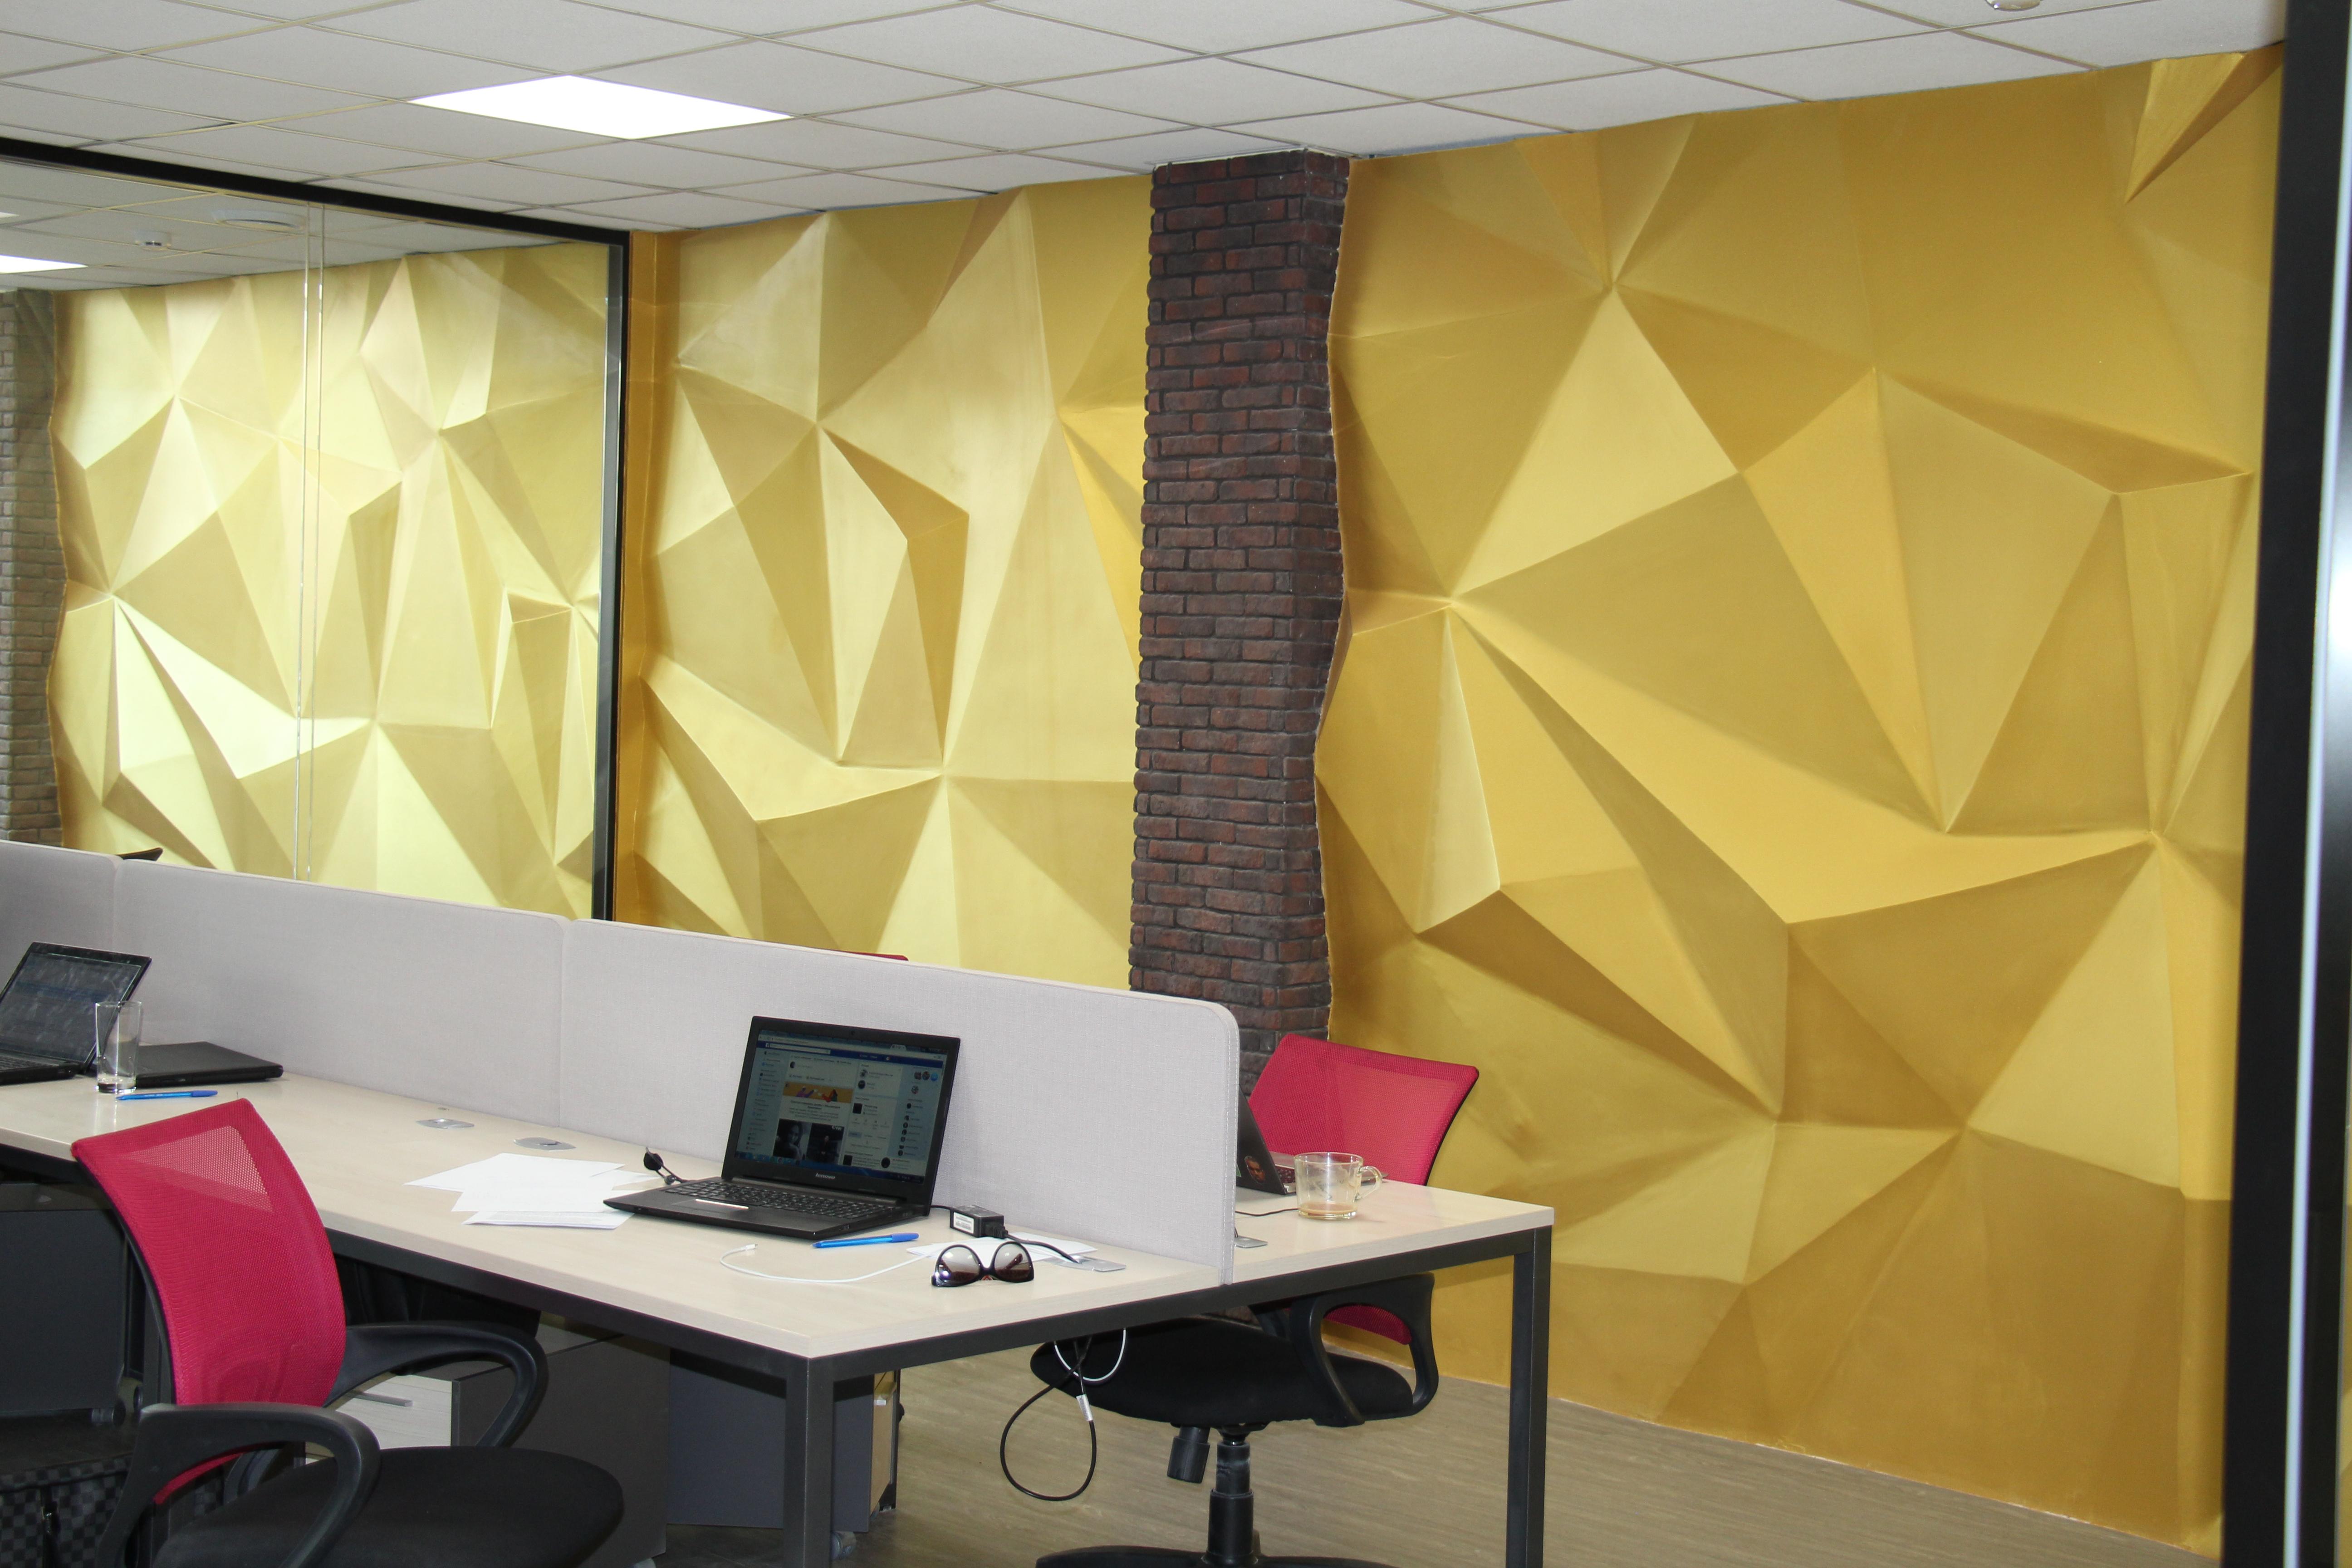 Реализация проекта с 3-D стеной золотого кристалла